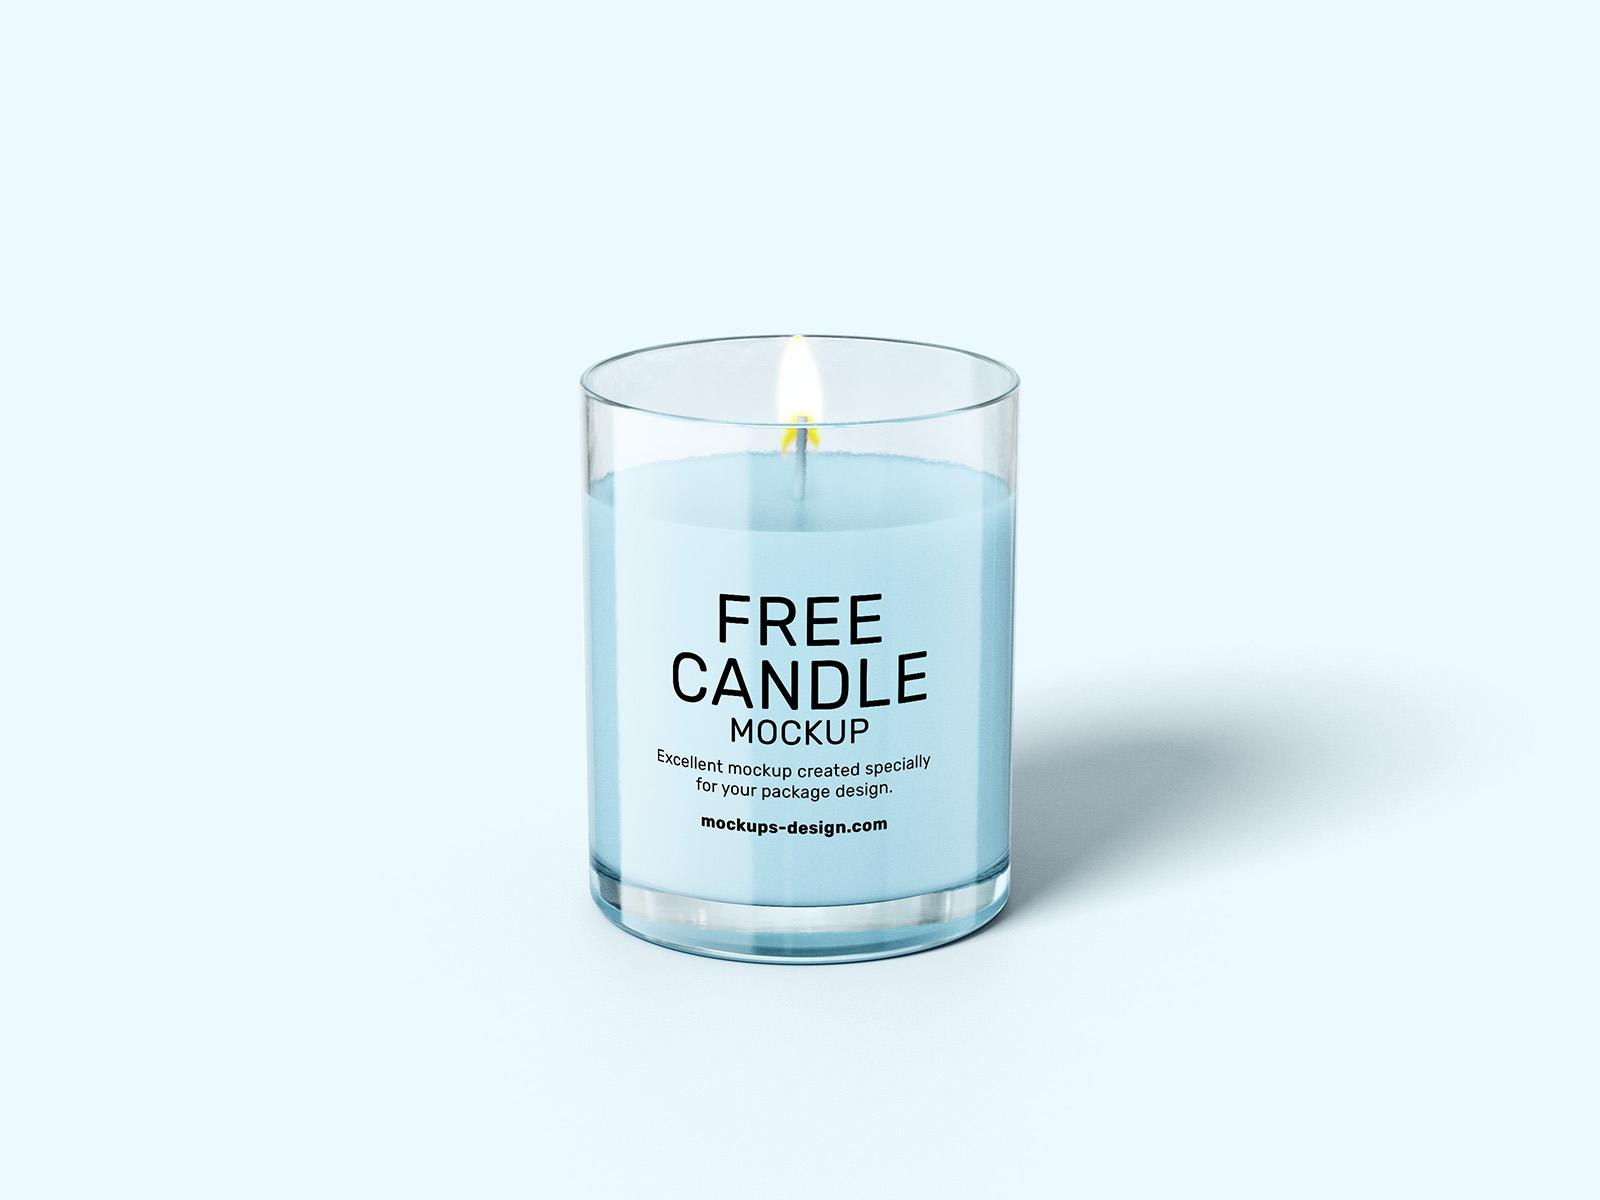 免费蜡烛模型